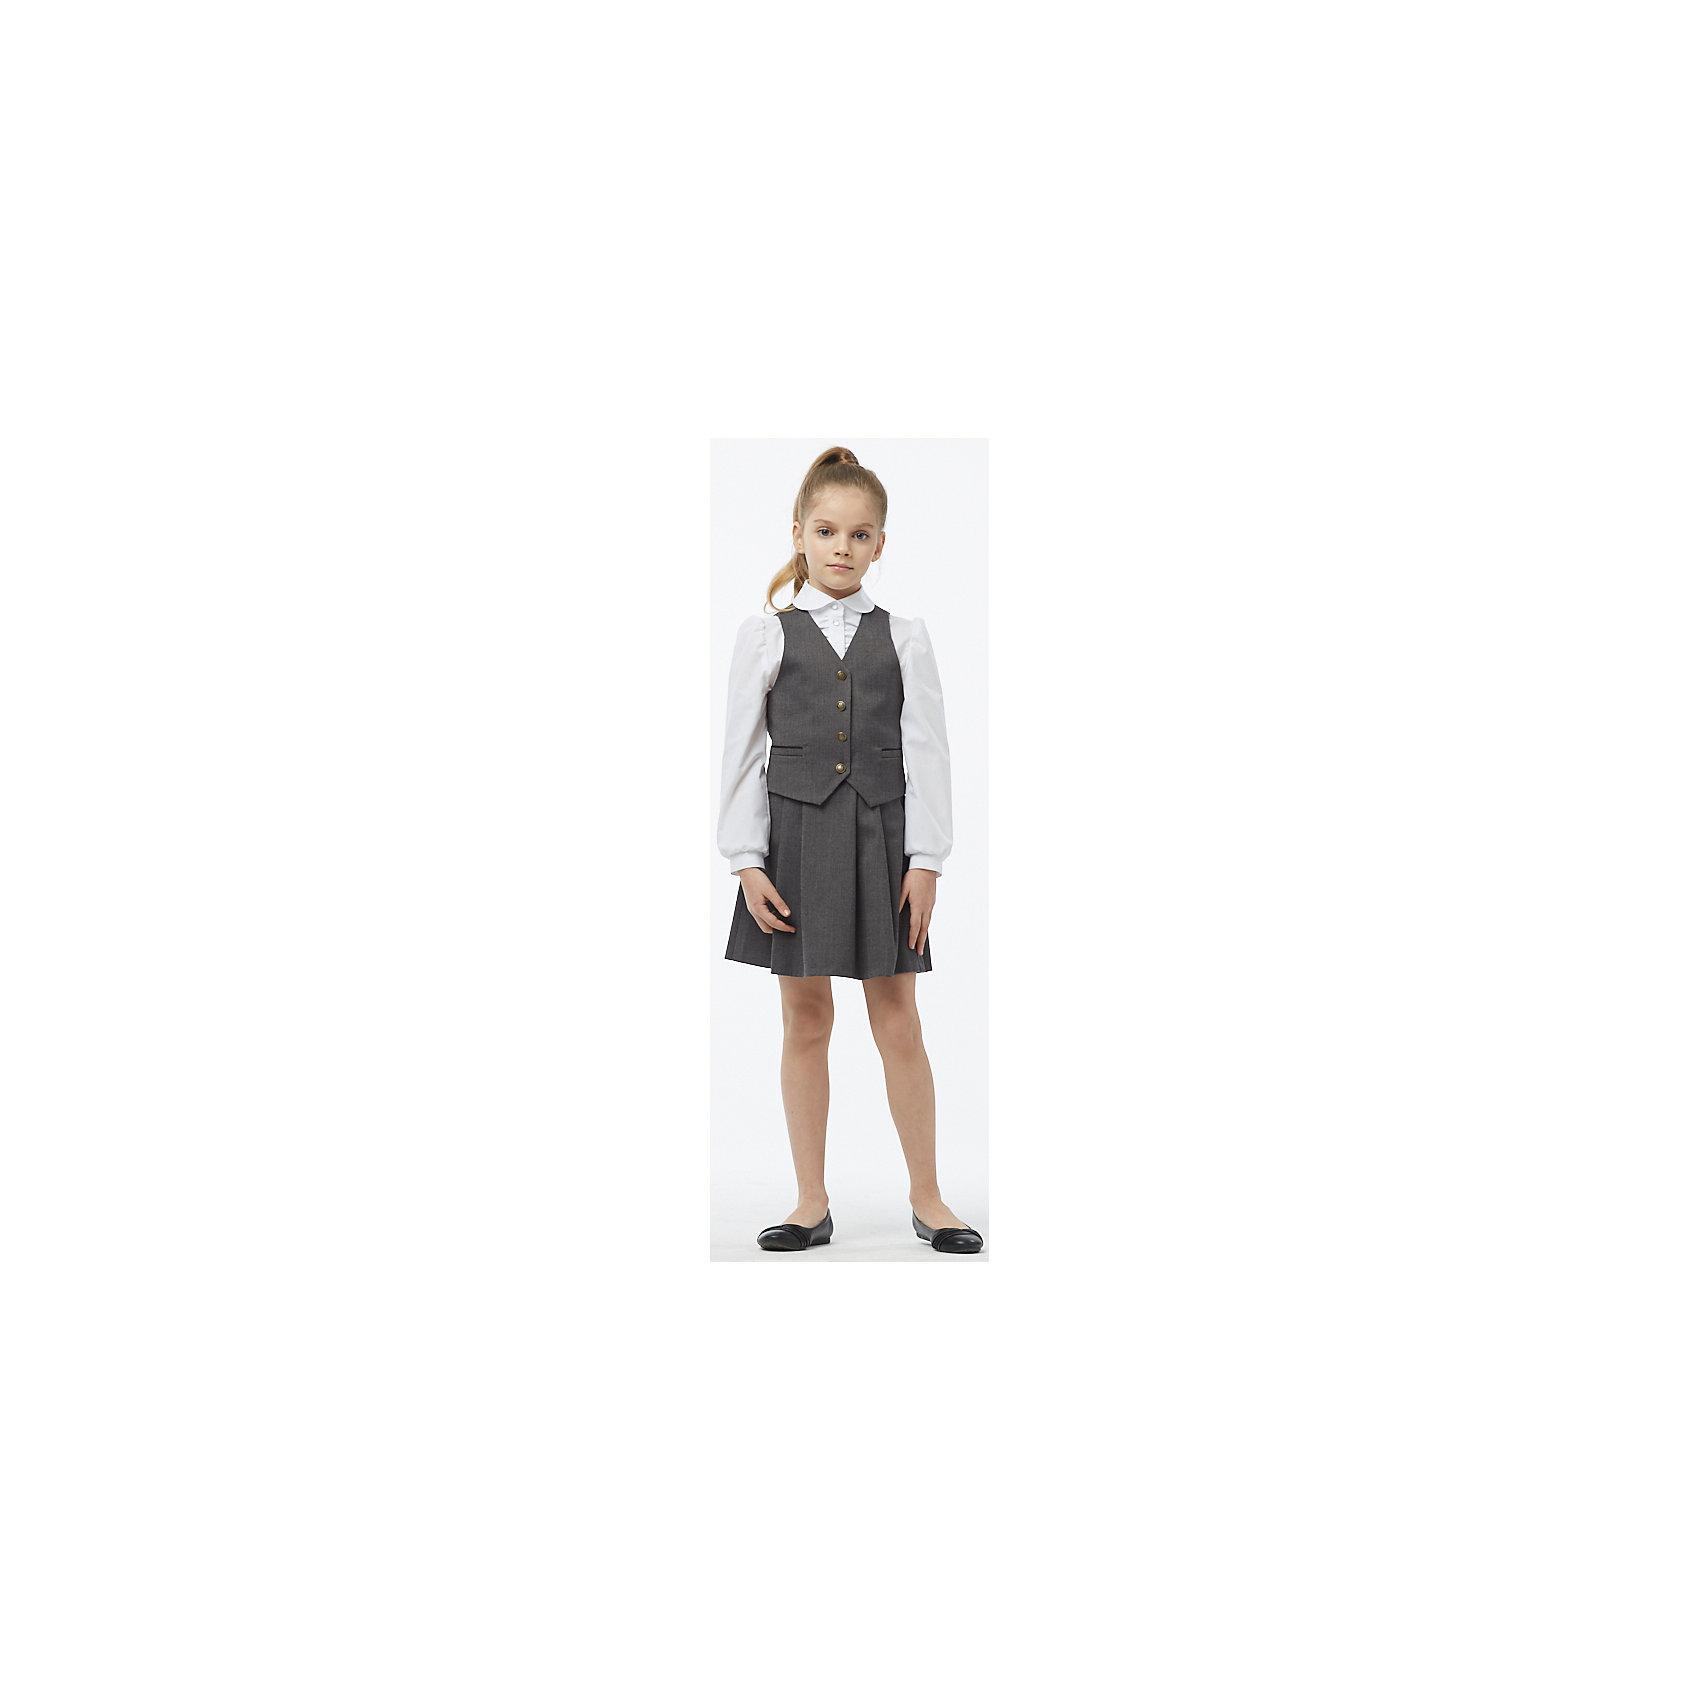 Комплект: жилет и юбка для девочки СменаКостюмы и пиджаки<br>Состав:<br>17% Шерсть,20% Вискоза,61% Полиэстер,2% Спандекс.  Подкладка : 50% Вискоза,50% Полиэстер<br><br>Ширина мм: 207<br>Глубина мм: 10<br>Высота мм: 189<br>Вес г: 183<br>Цвет: серый<br>Возраст от месяцев: 108<br>Возраст до месяцев: 120<br>Пол: Женский<br>Возраст: Детский<br>Размер: 140,134,146,152,158,164,128<br>SKU: 6895398